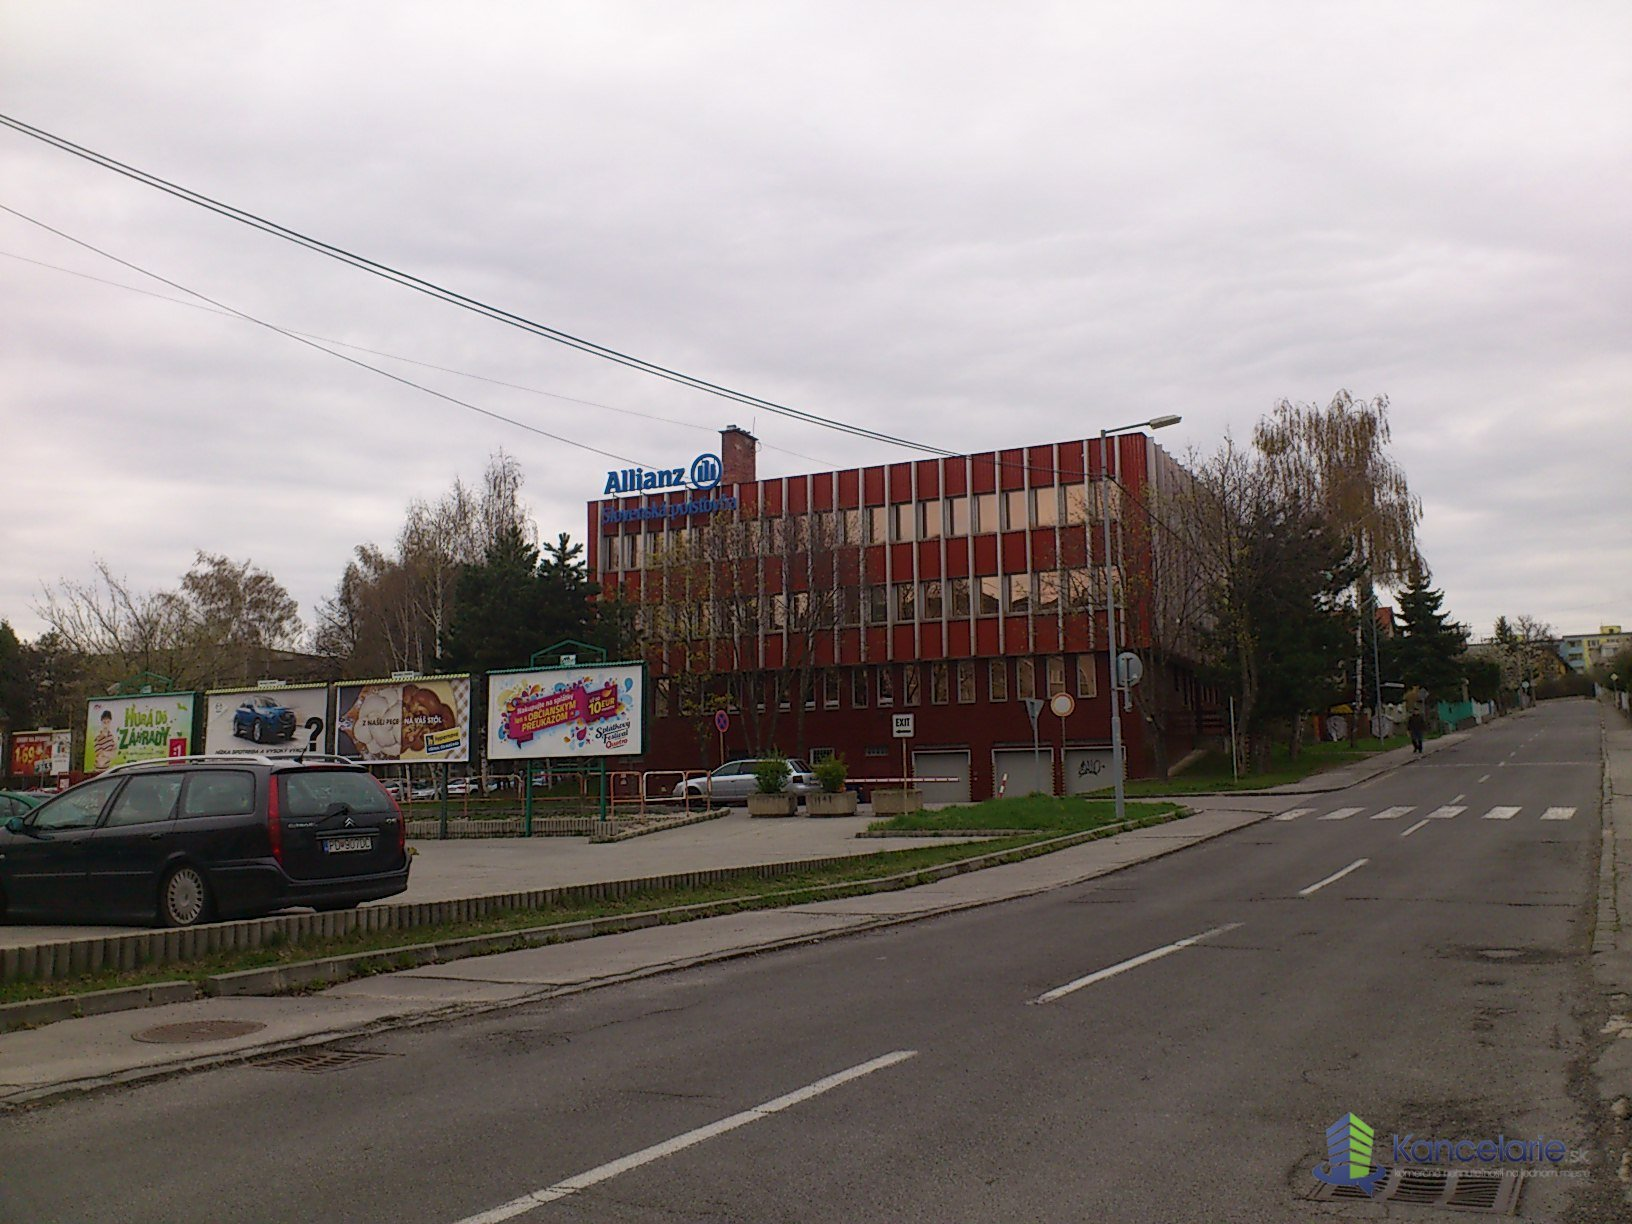 Allianz - Slovenská poisťovňa, a.s., Kancelárie, Záhradnícka 24, Prievidza